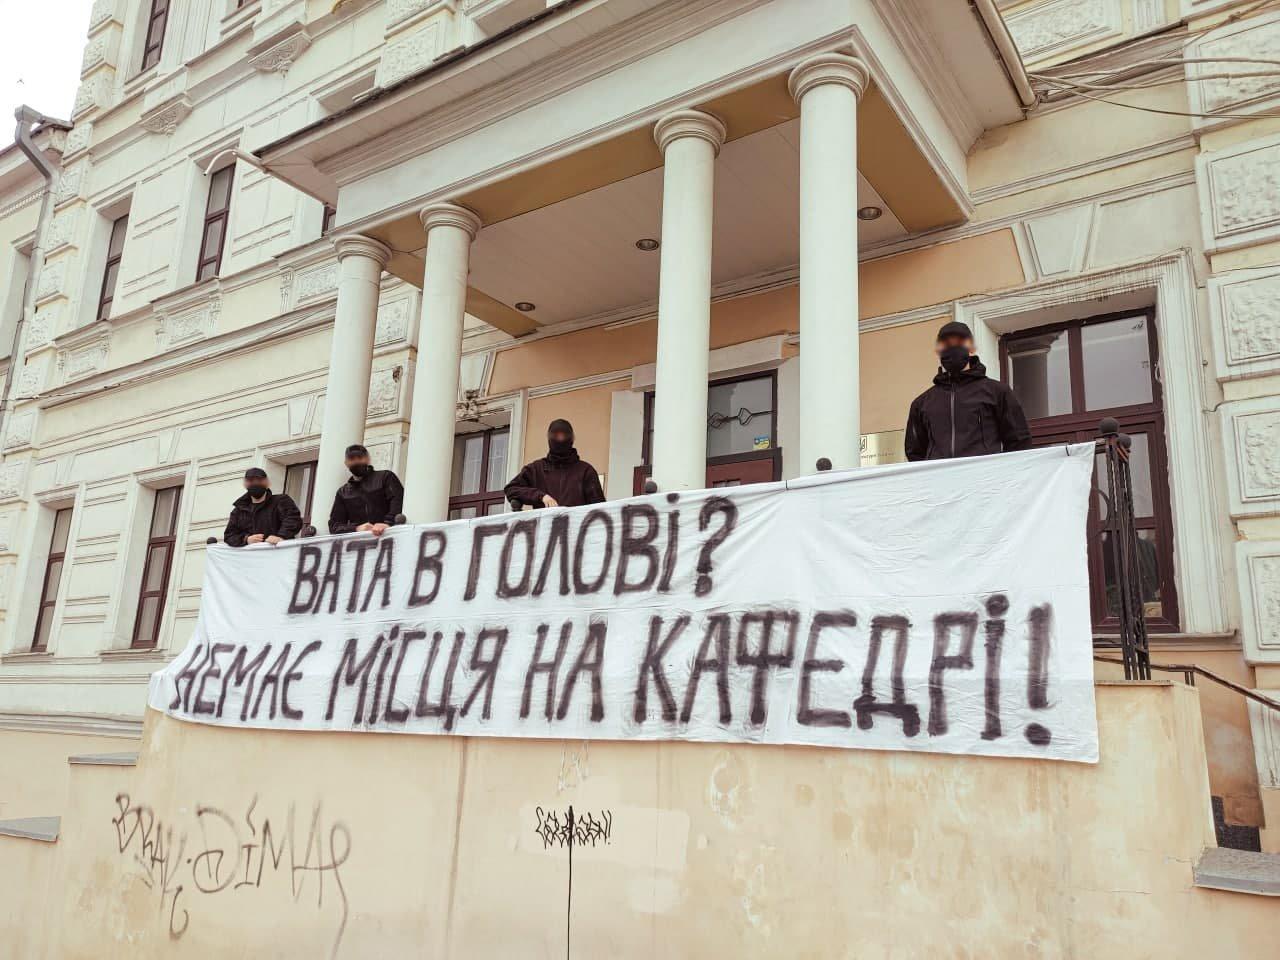 Скандалы, митинги и марши. ТОП-10 «горячих» событий весны 2021 года в Харькове и области, - ФОТО, ВИДЕО, фото-4